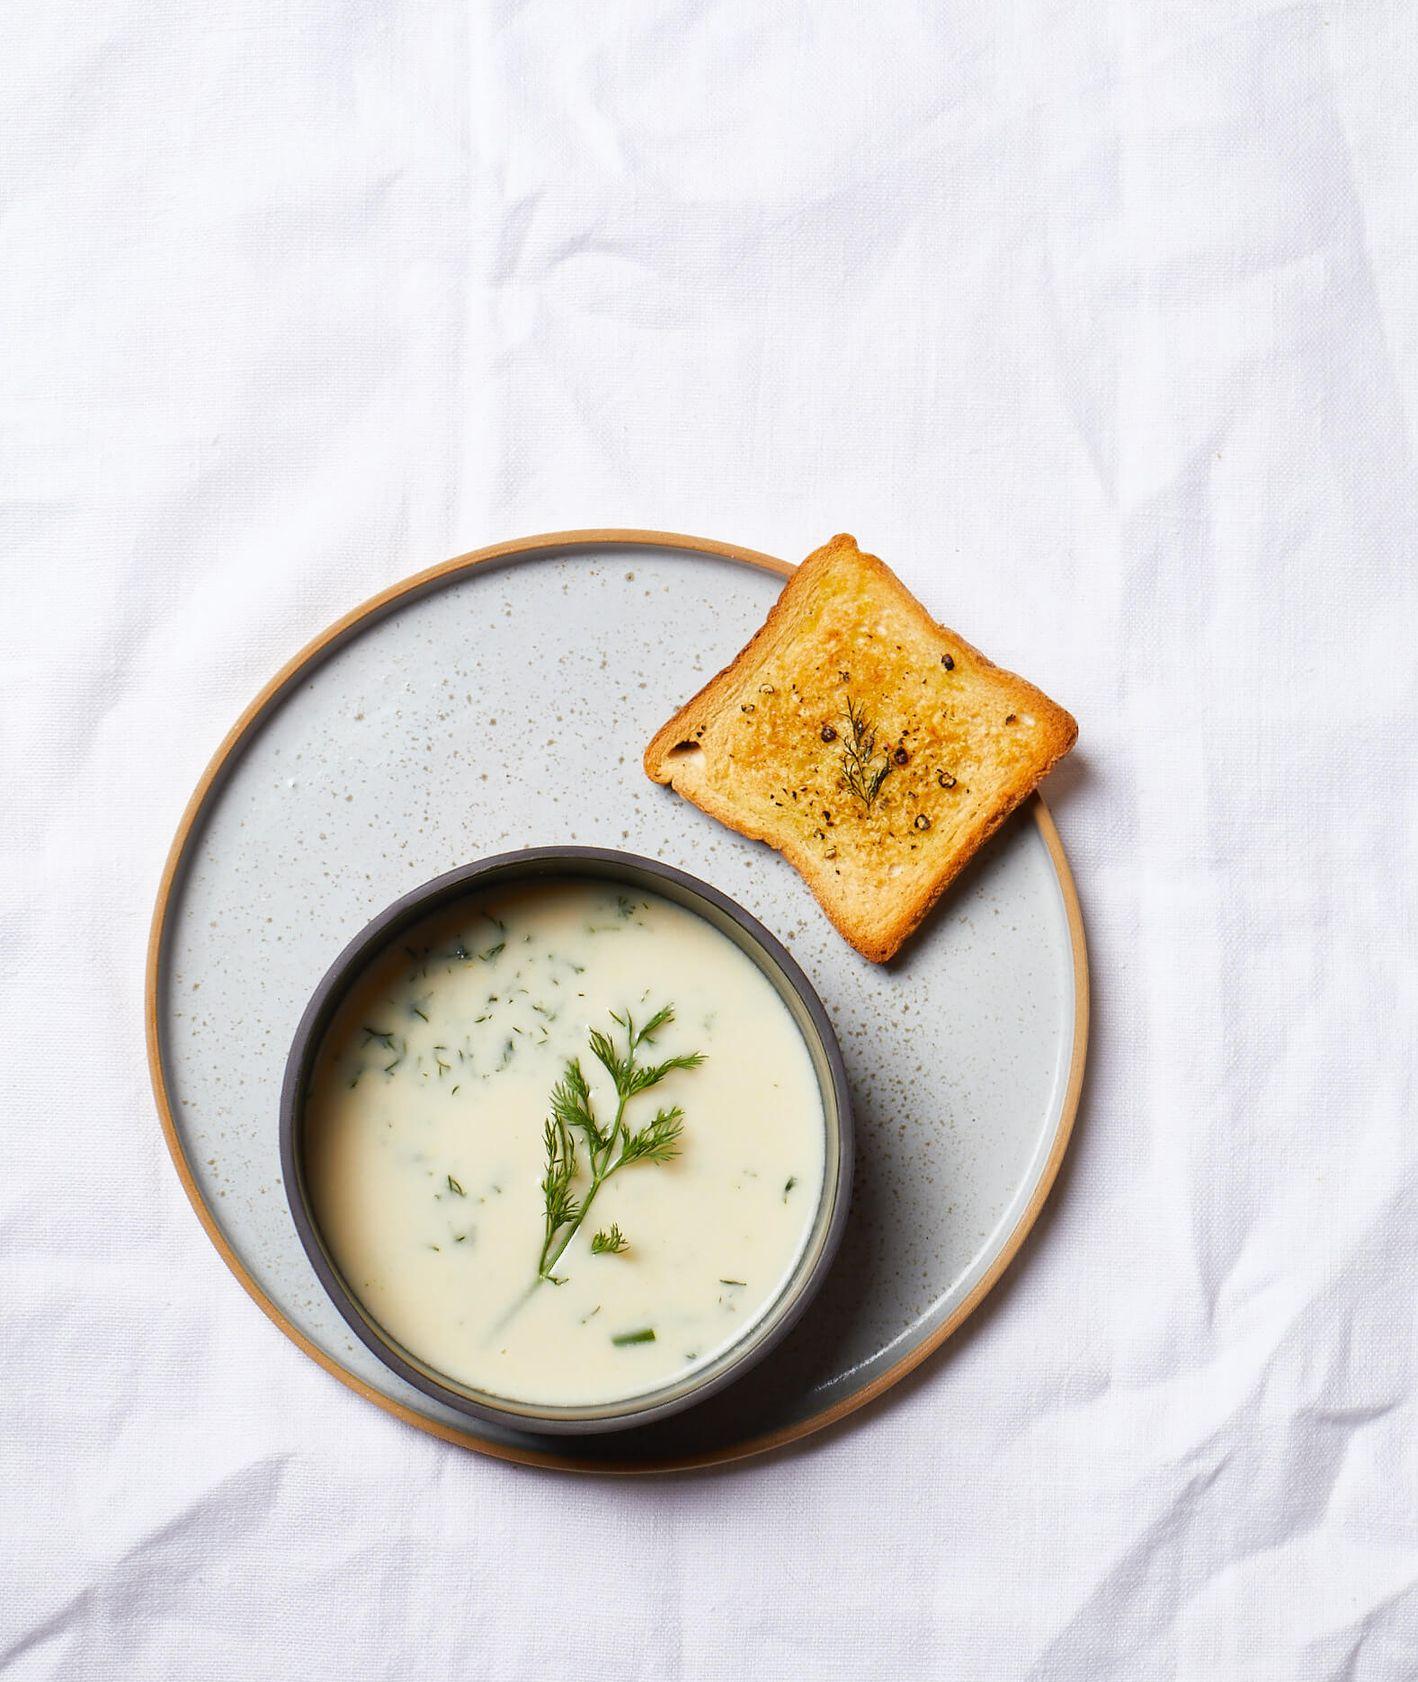 zupa koperkowa, zupa z koperkiem, domowa zupa koperkowa, domowy bulion, bulion warzywny, zupa bez mięsa